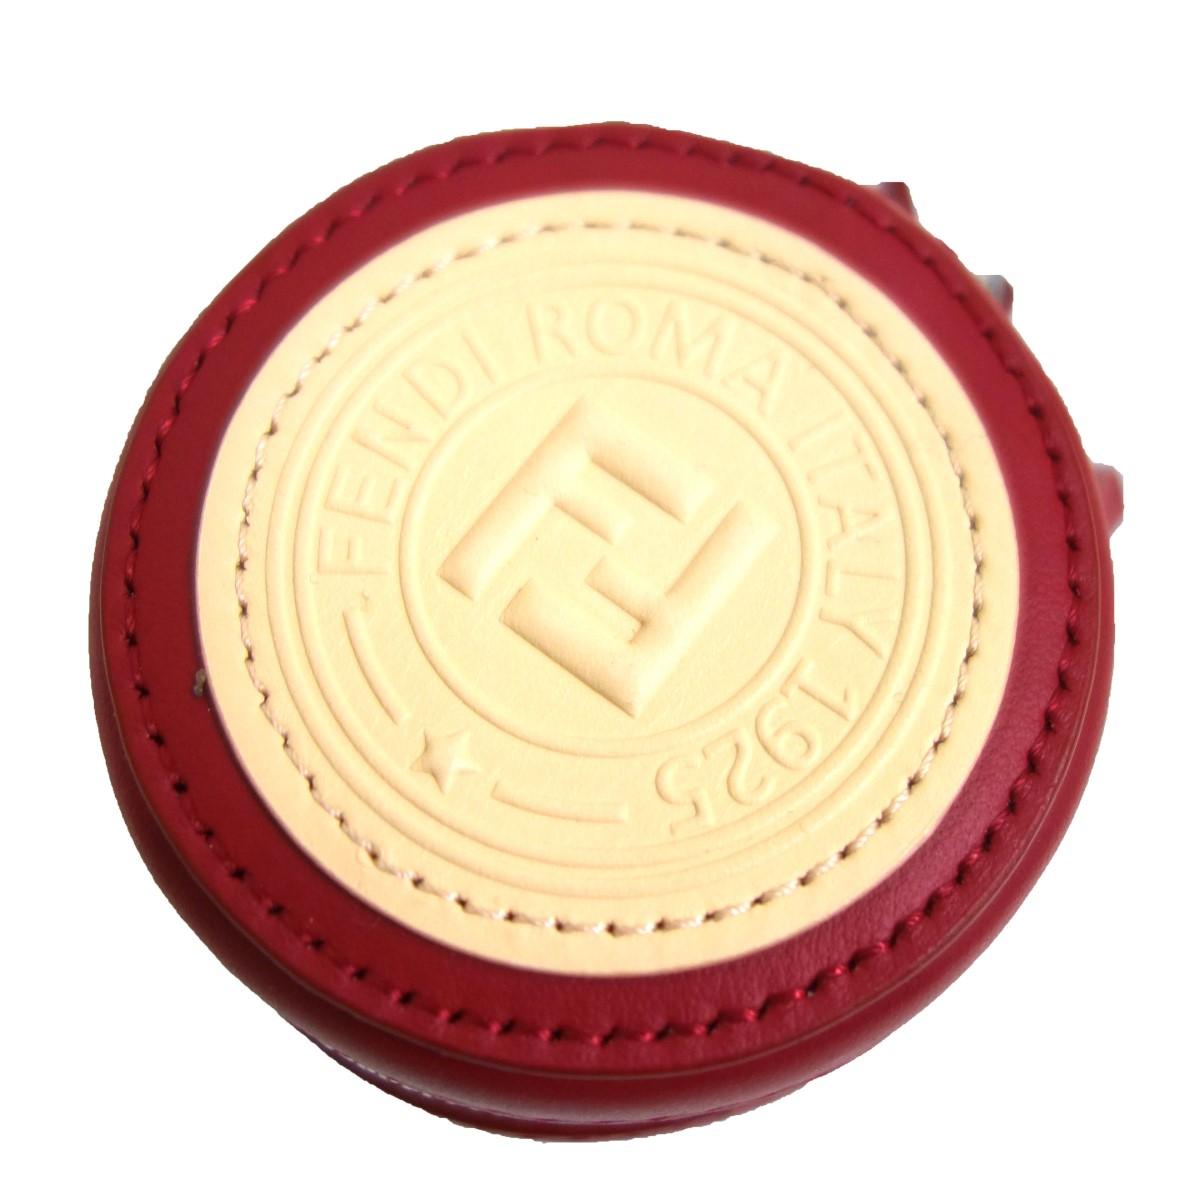 【中古】FENDI7AR721 ポケッタブルトートバッグ付き バッグチャーム レッド サイズ:-